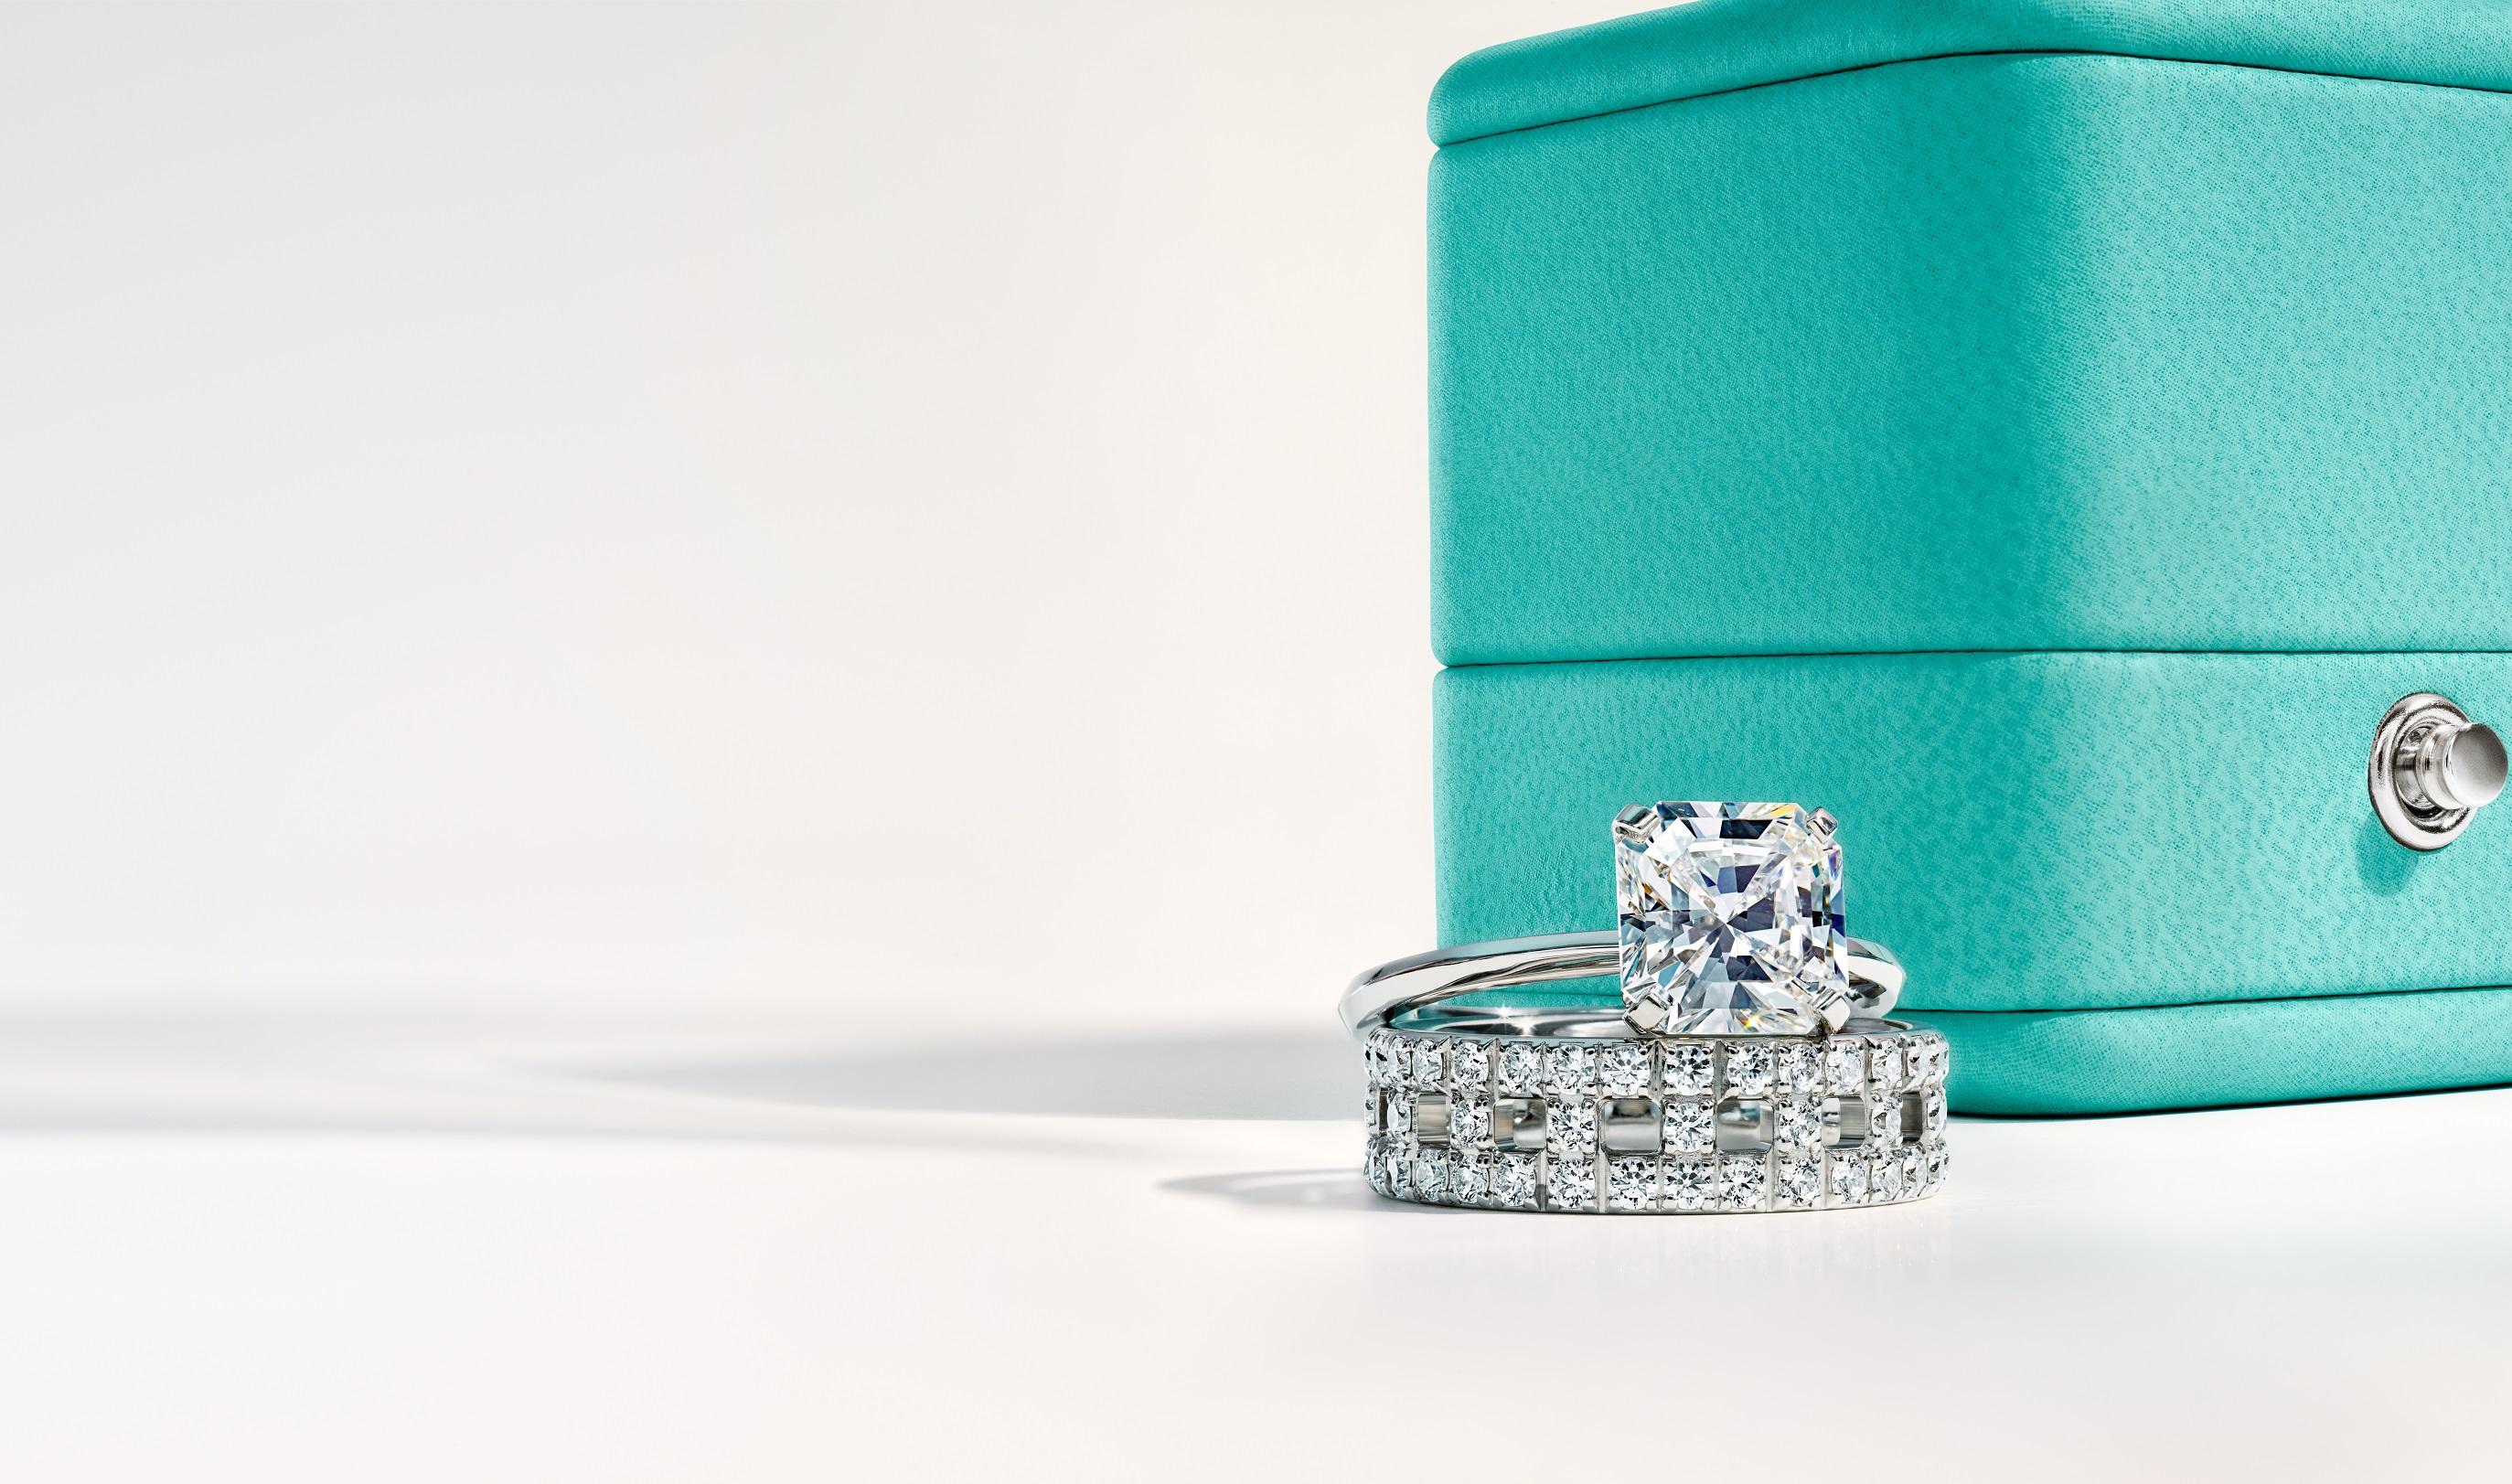 Anillos en platino con detalles de diamantes de Tiffany & Co. (Suministrada)